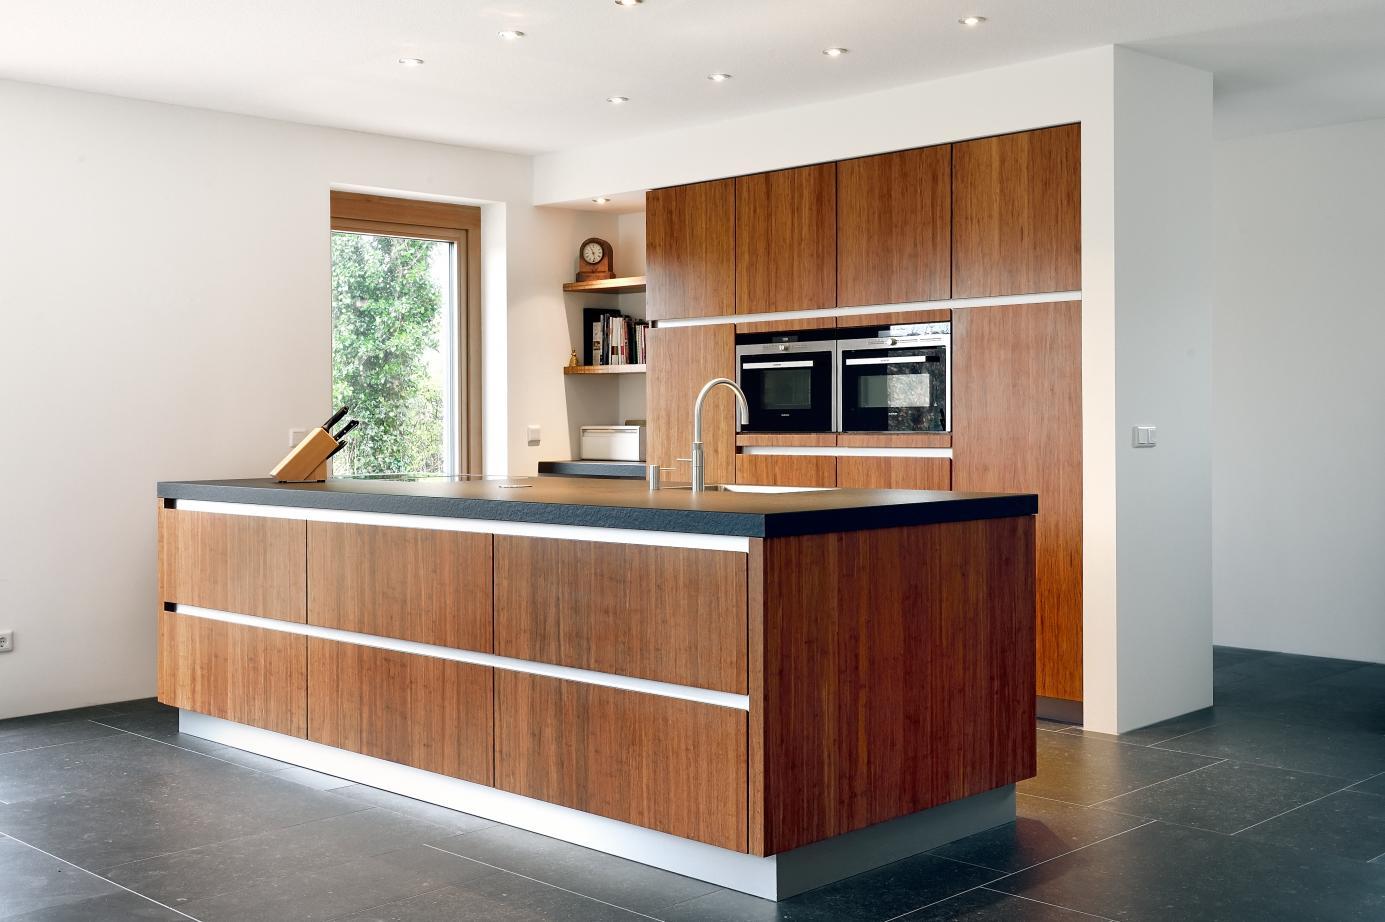 Van Hout Keukens : Handgemaakte houten keukens nieuws startpagina voor keuken